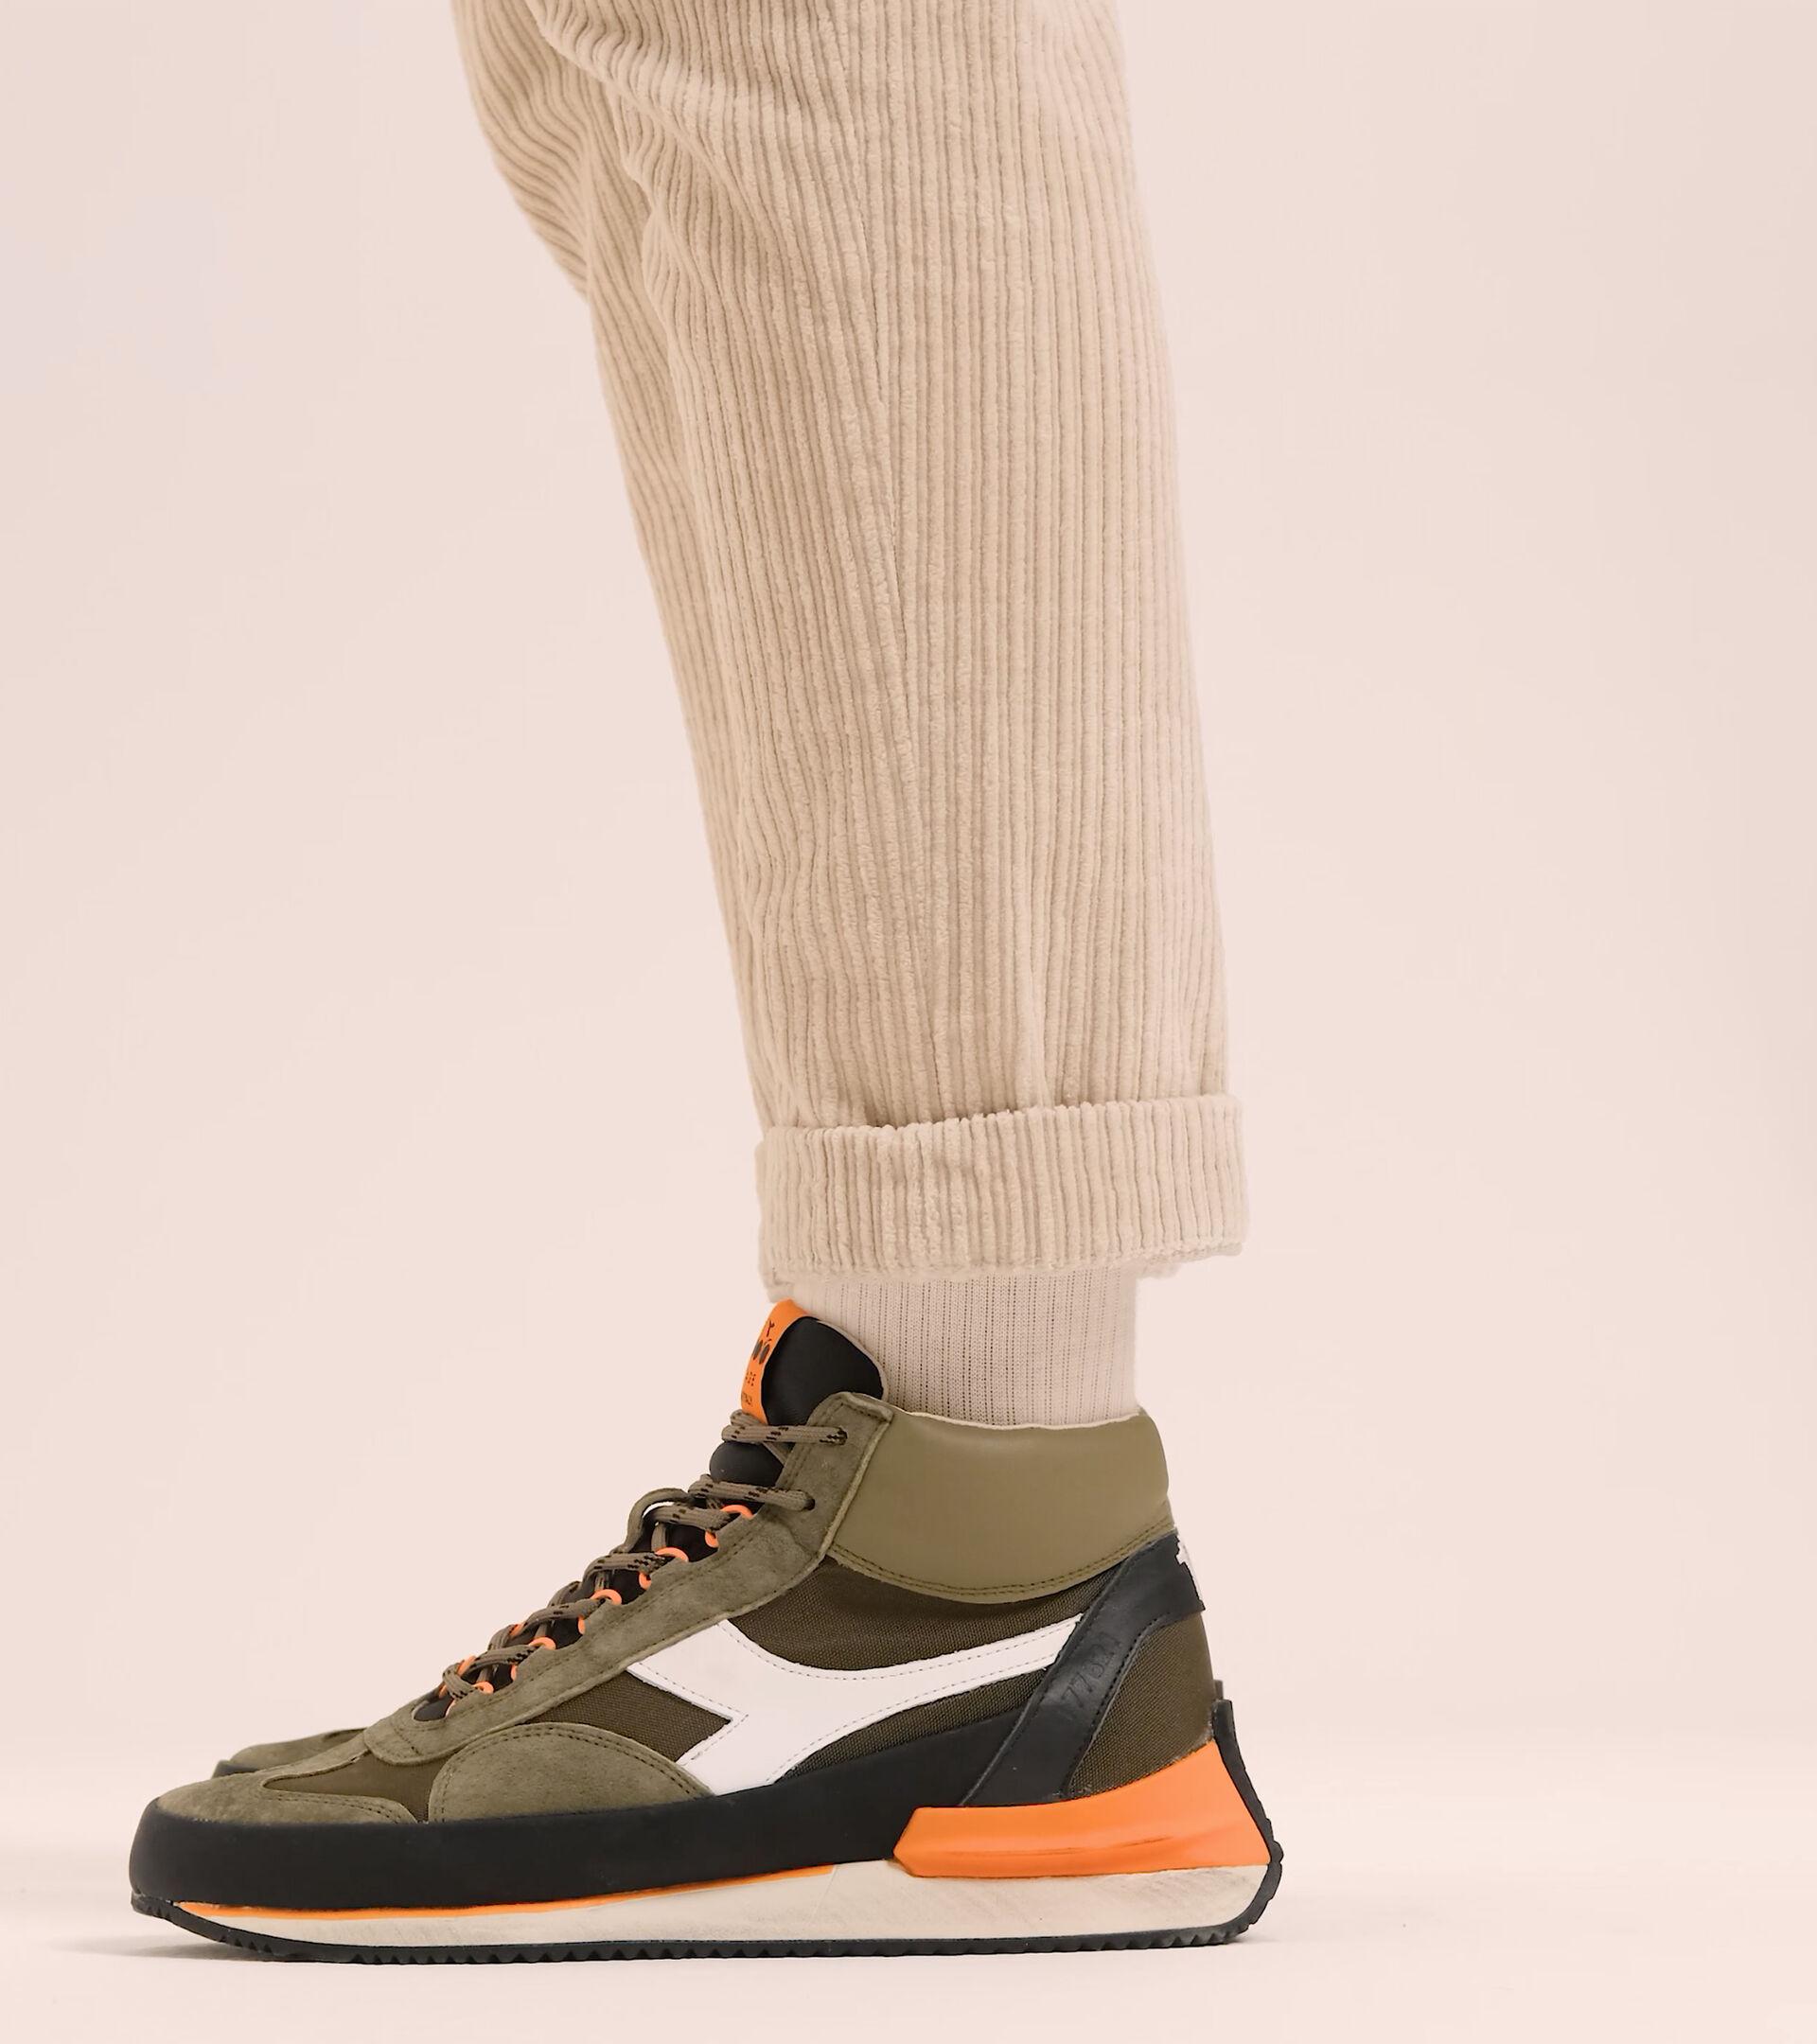 Footwear Heritage UNISEX EQUIPE MID MAD ITALIA NUBUCK SW OLIVINO Diadora